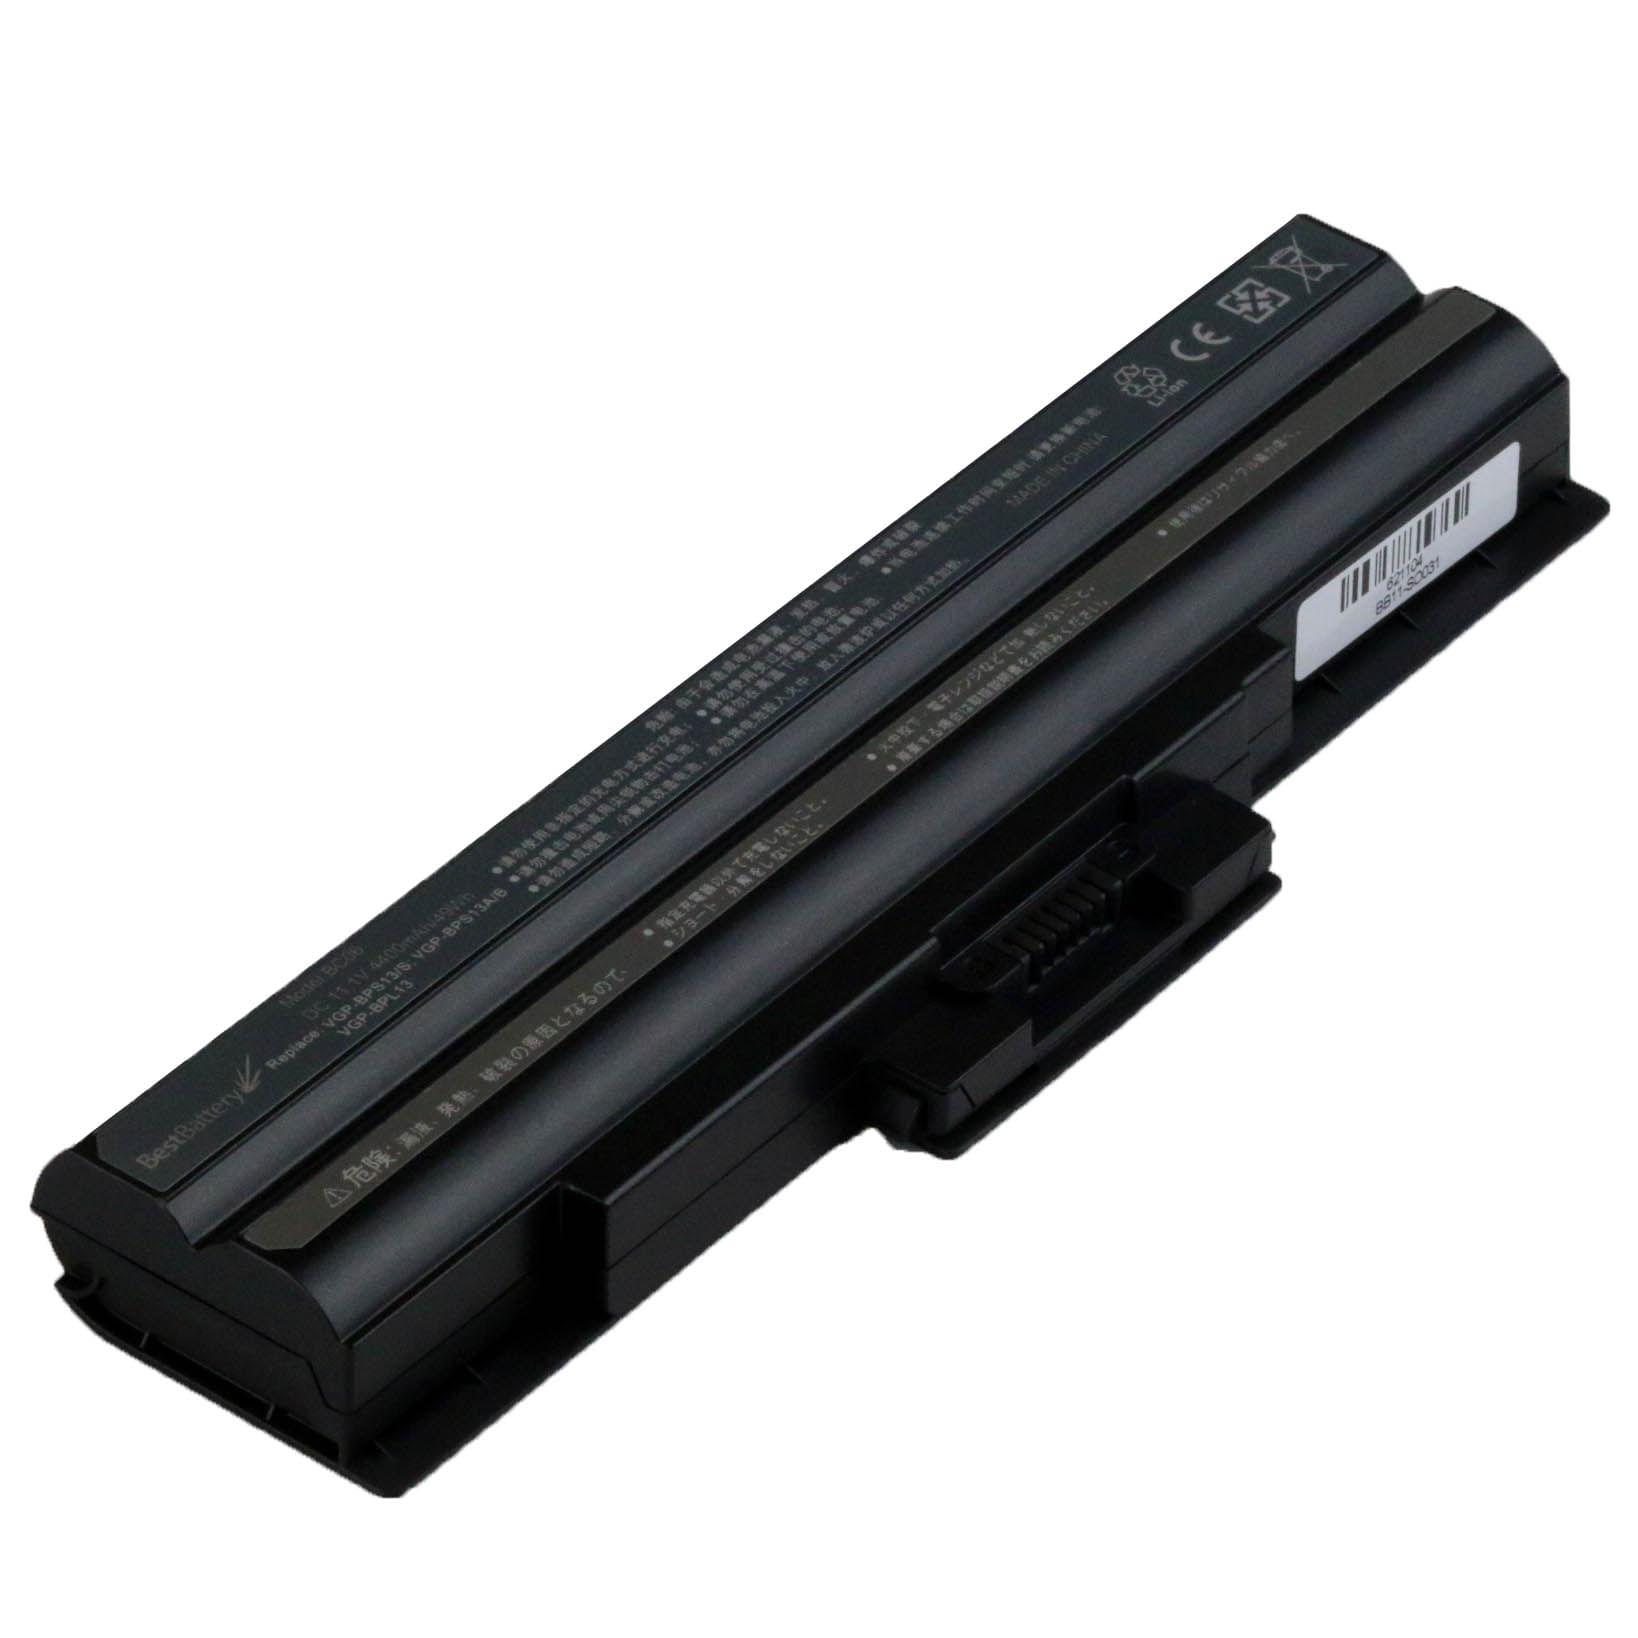 Bateria para Notebook Sony Vaio VGN - NS290 - 6 Celulas, ate 3 horas - Preta